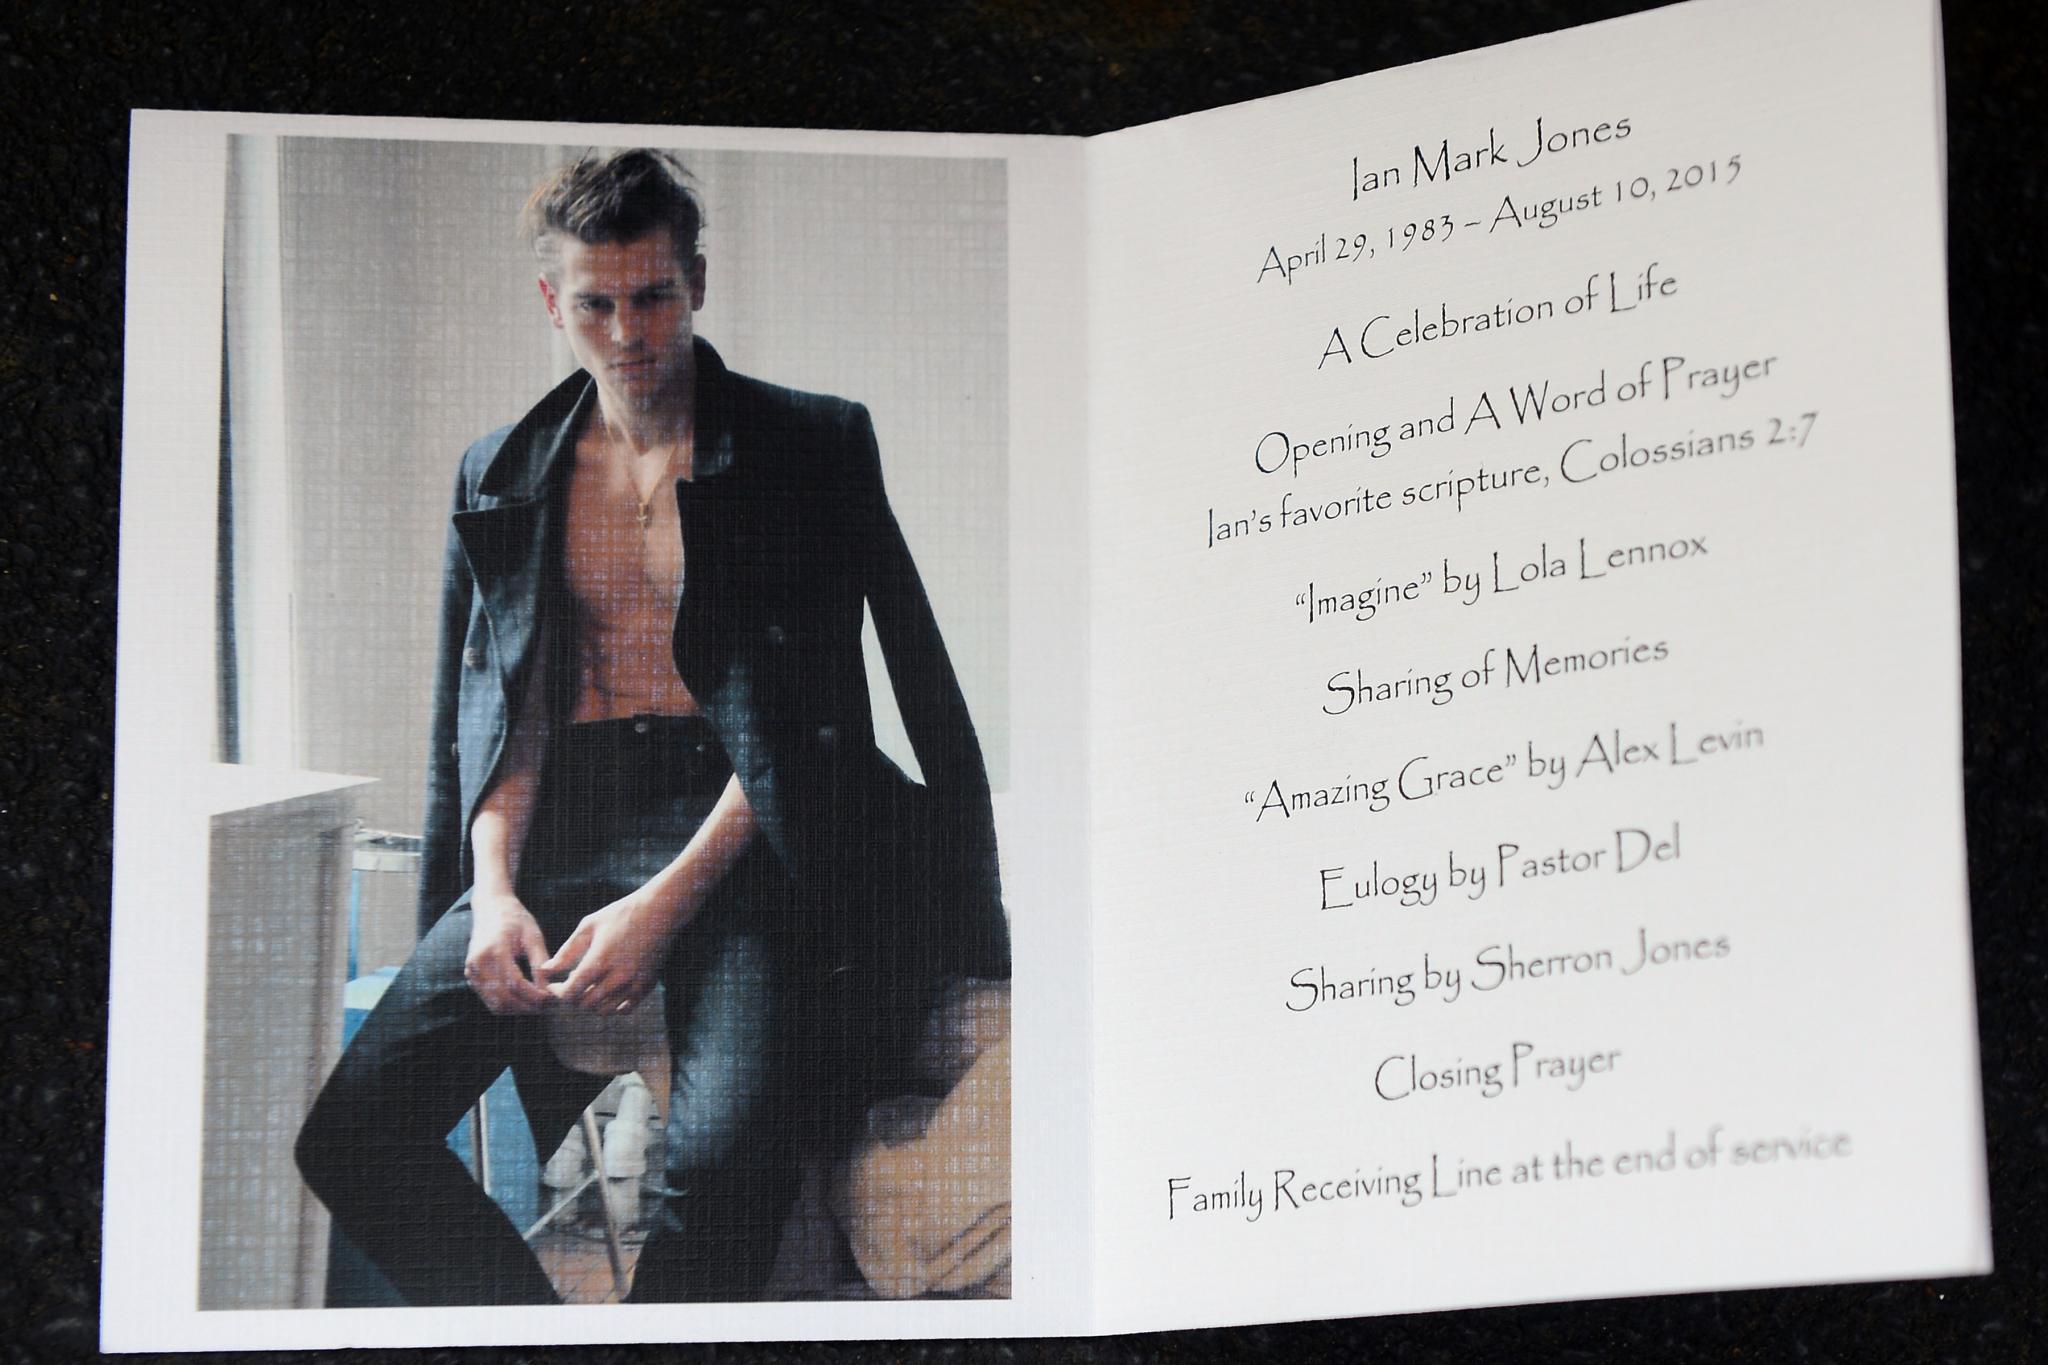 """Ian Jones: Das Programmheft zeigt, dass Lola Lennox den Song """"Imagine"""" für die Gäste sang"""